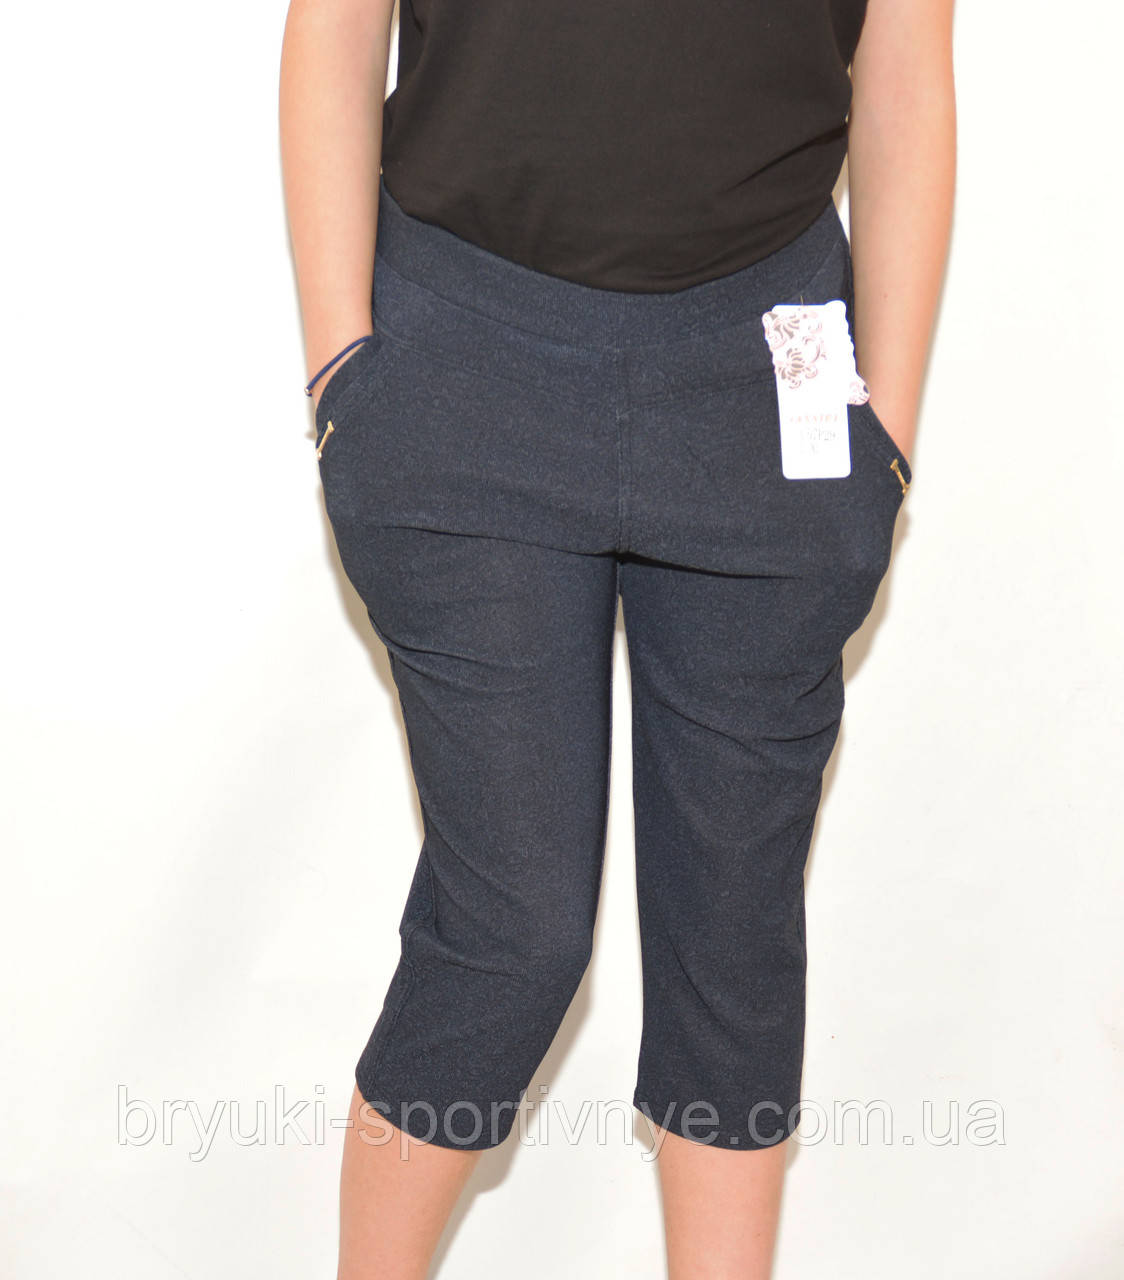 Бриджи женские большие размеры - Узор